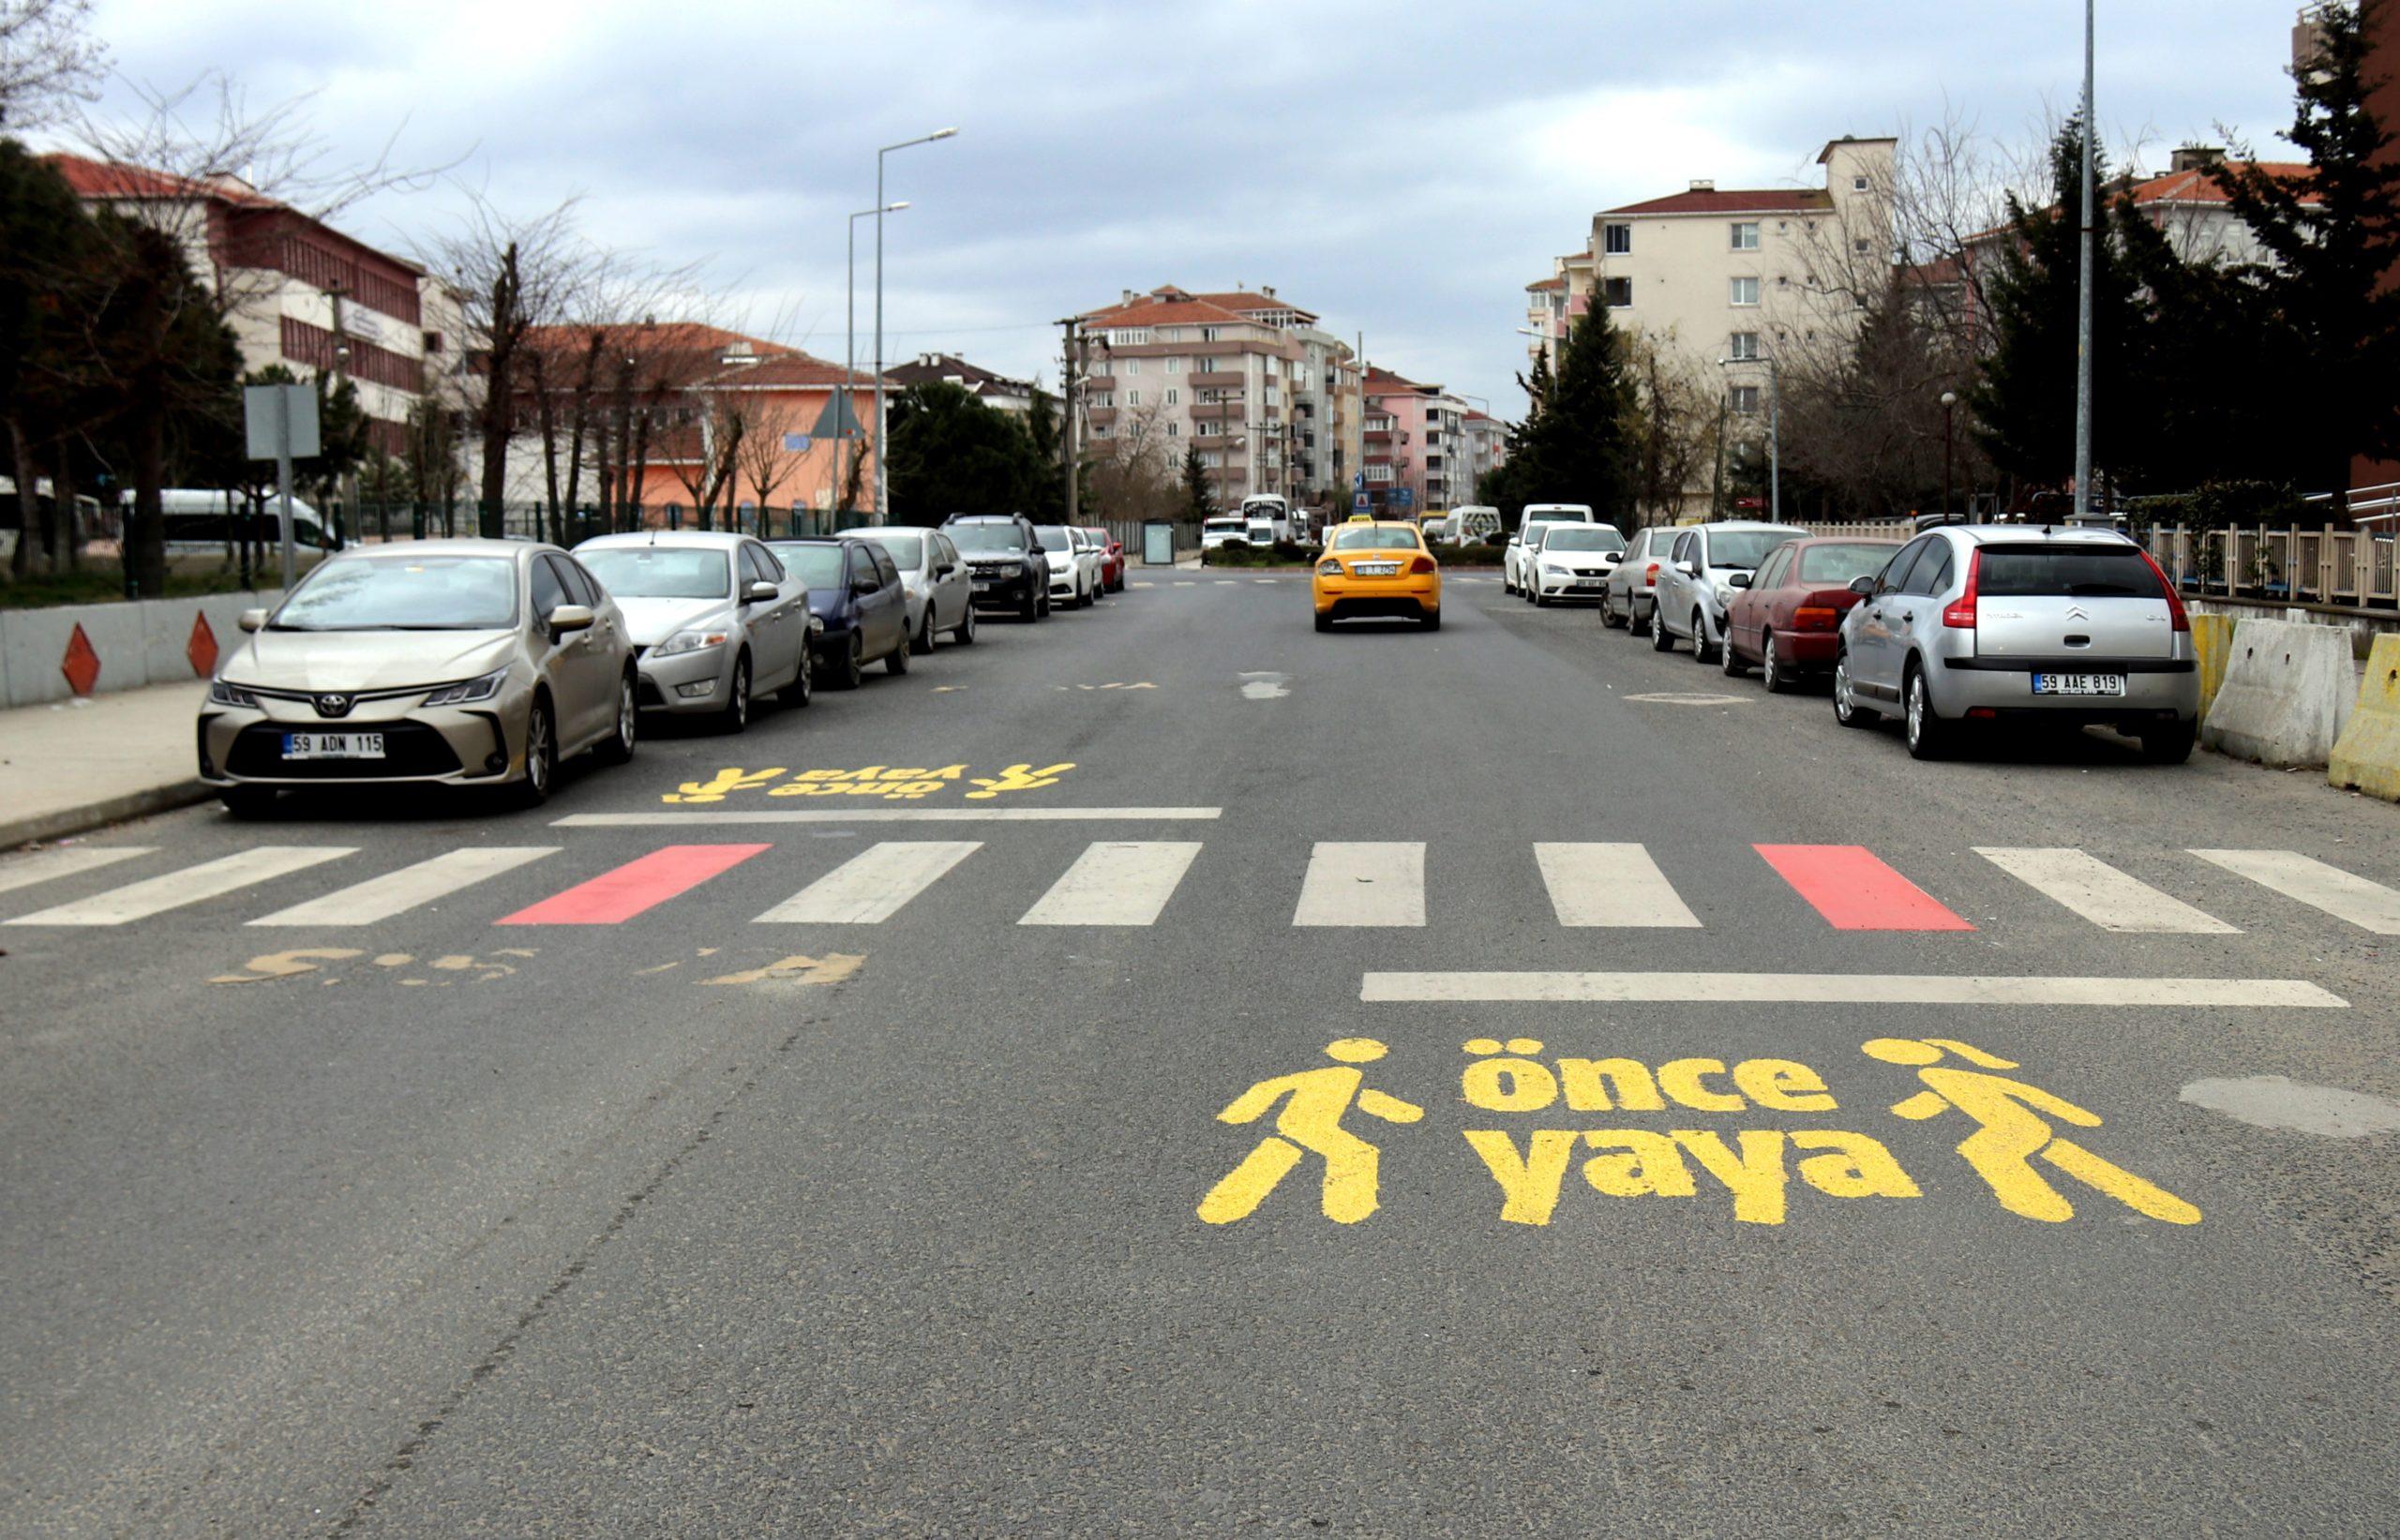 Çerkezköy Yaya Önceliğini Kırmızı Çizgiyle Vurguladı